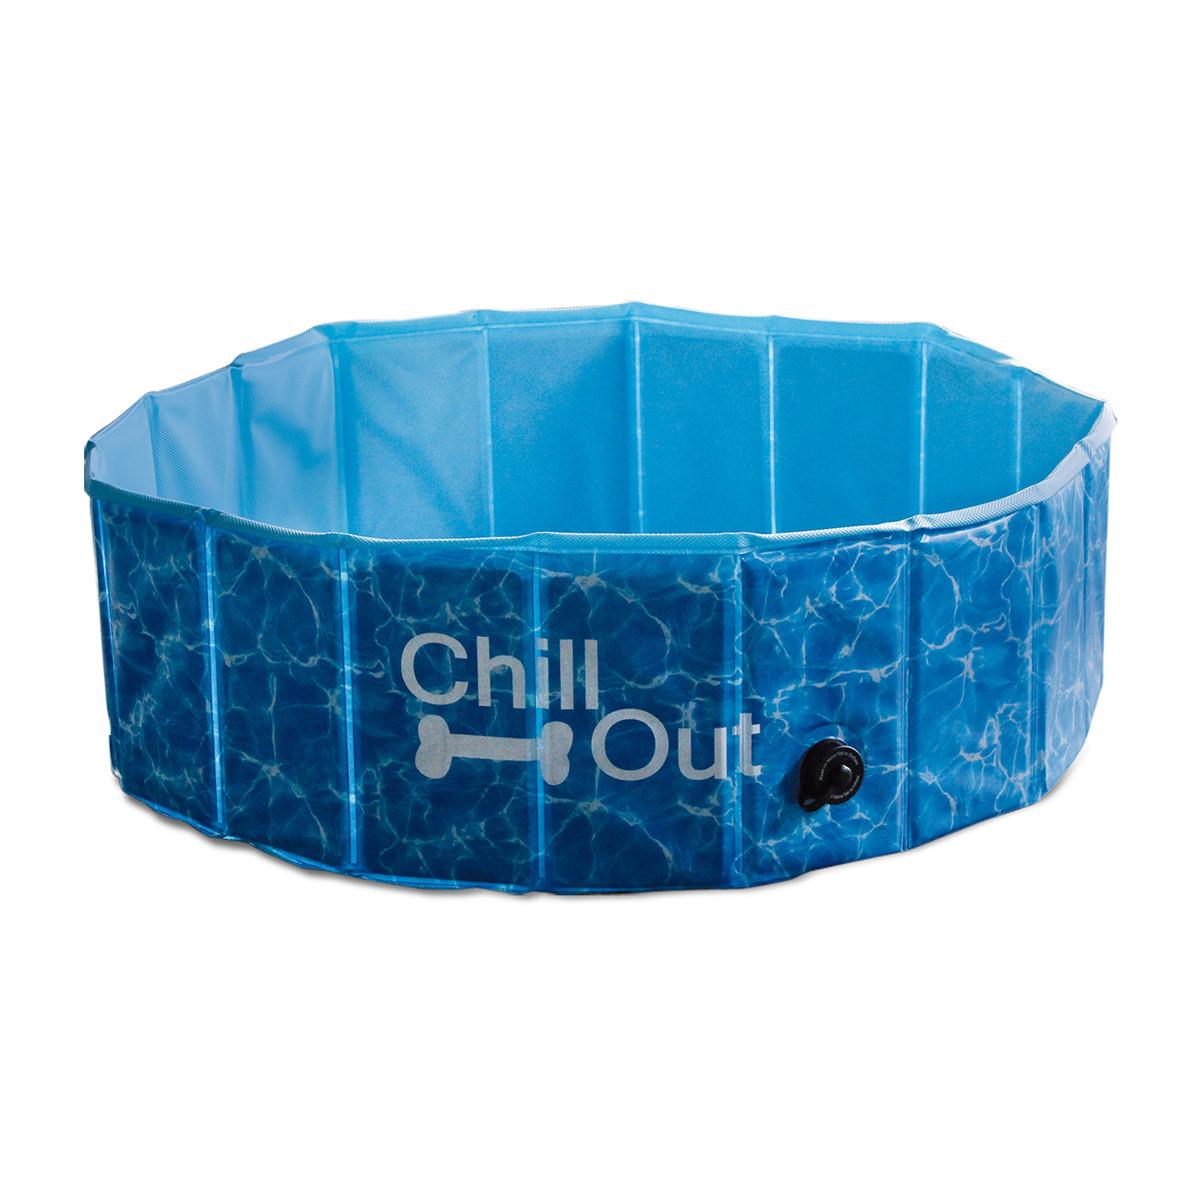 Large Dog Friendly Paddling Pool